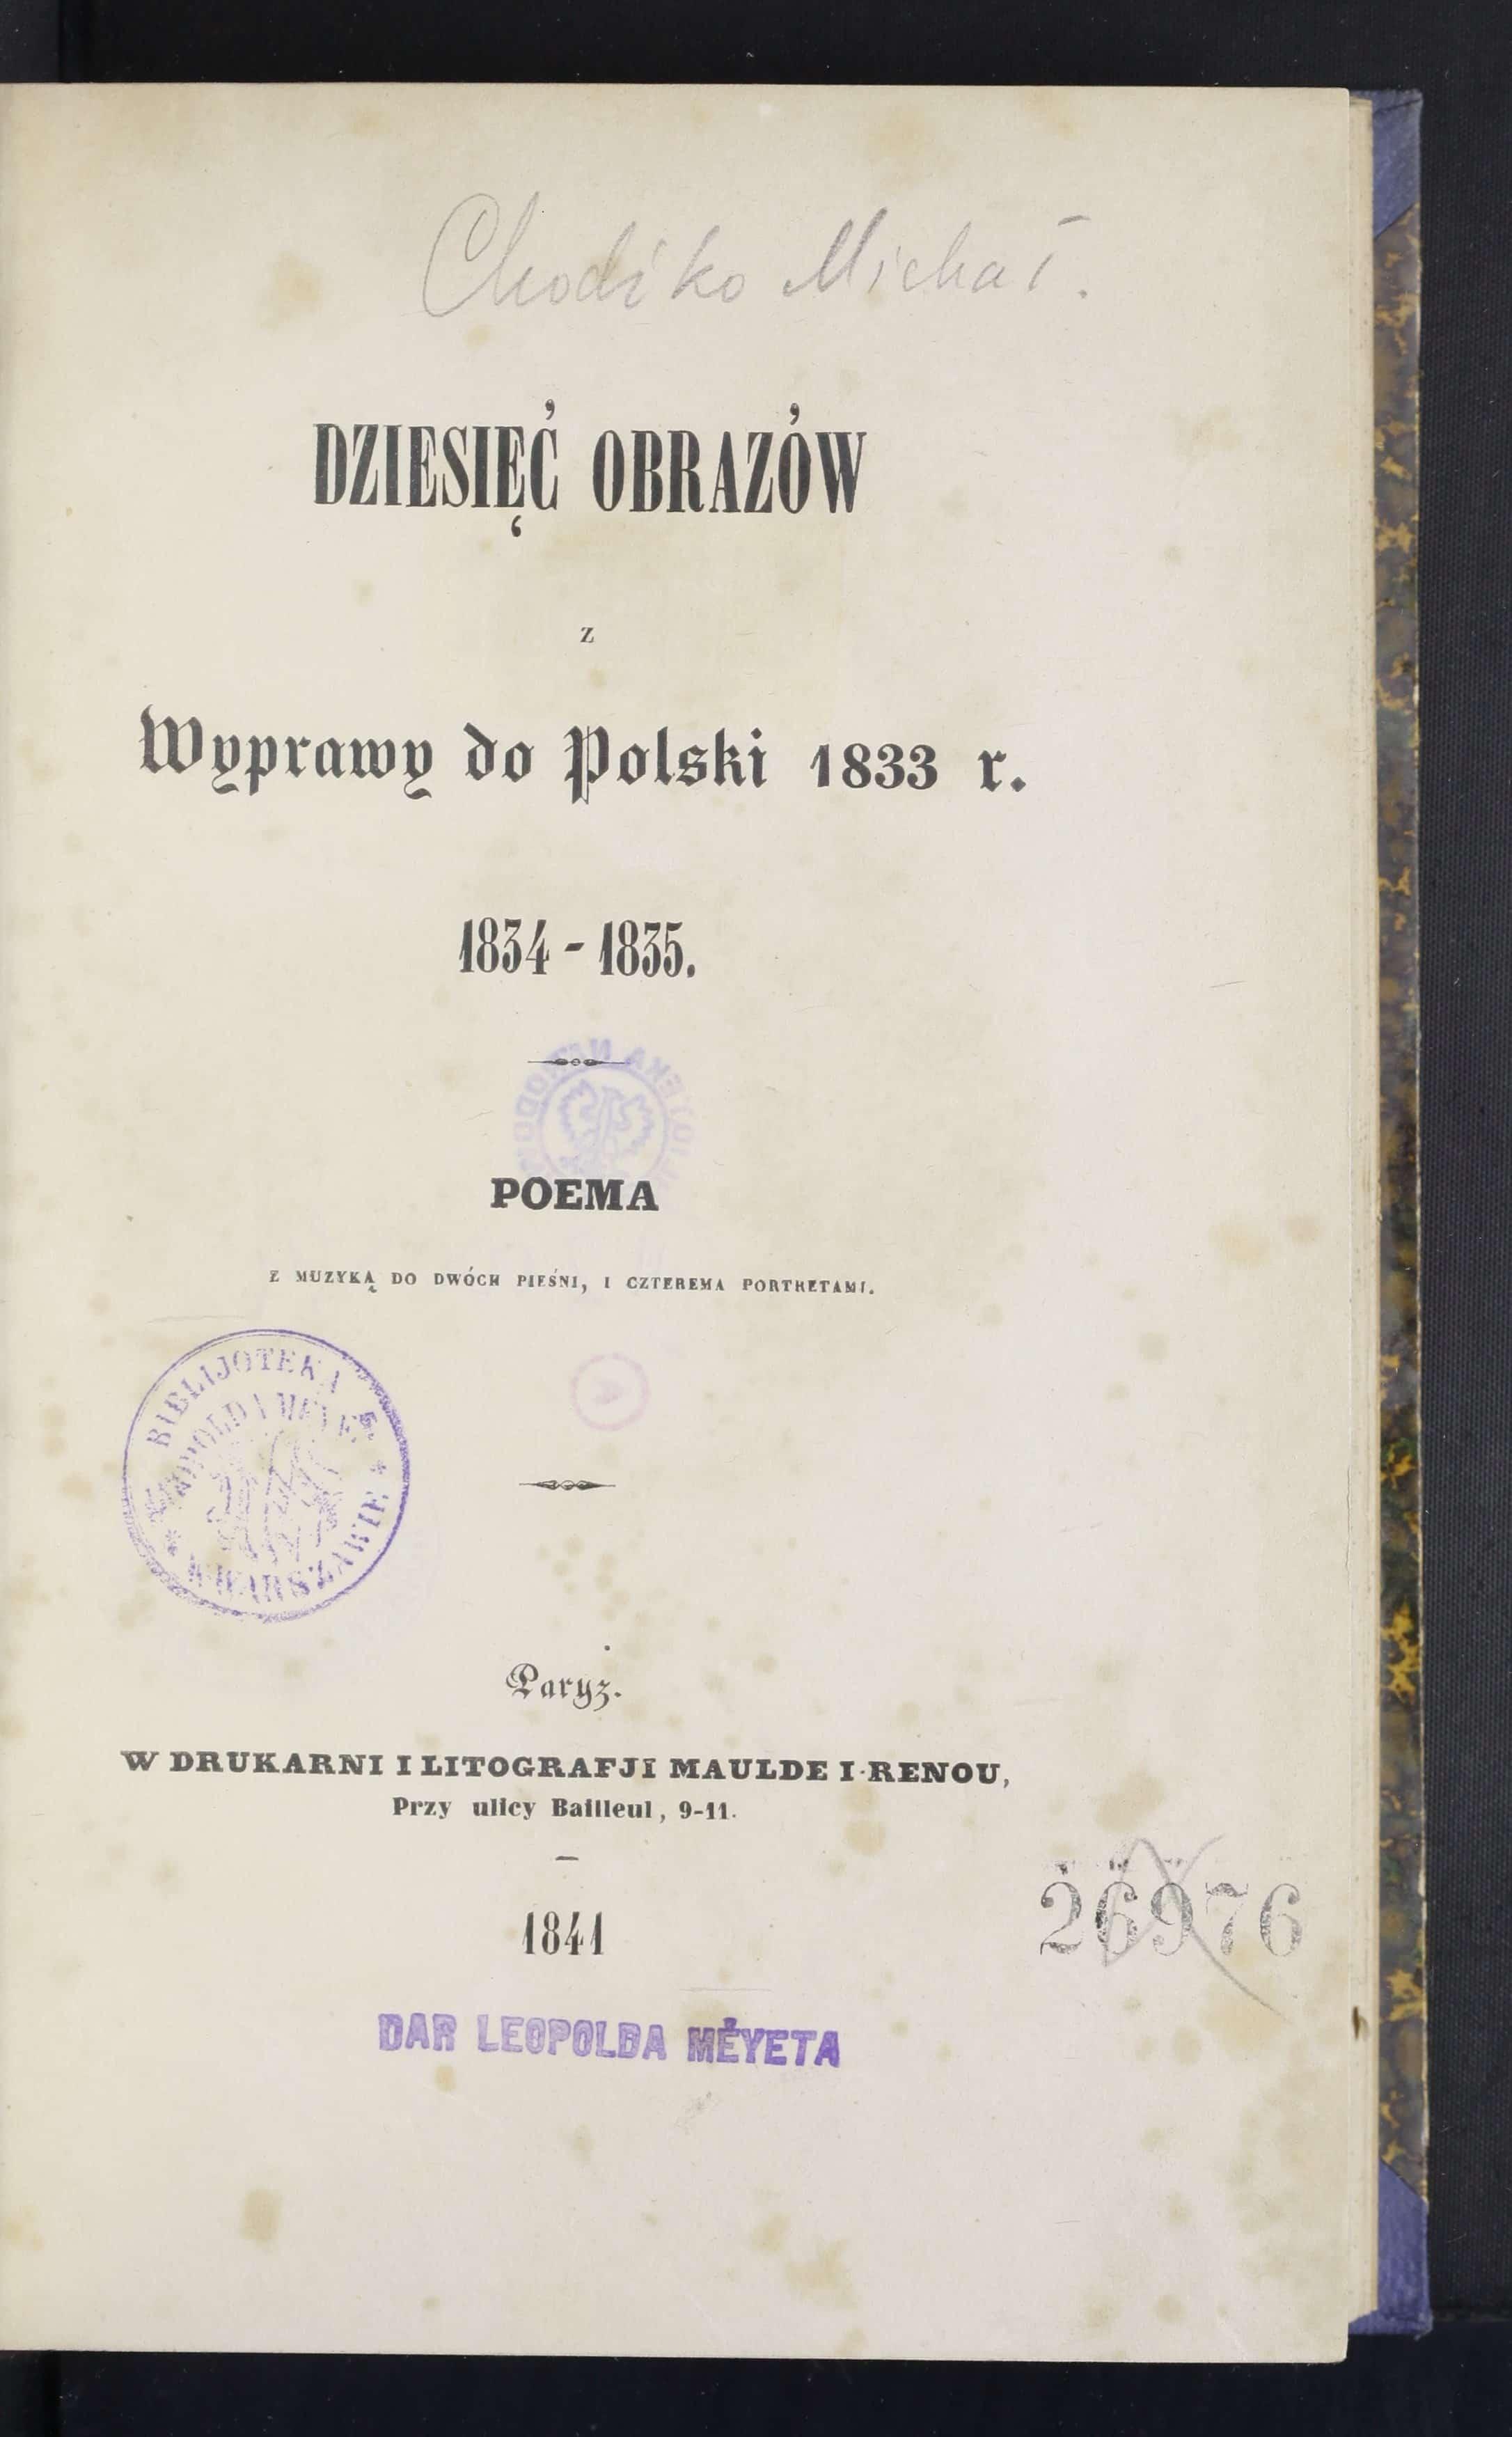 Poemat Dziesięć obrazów z wyprawy do Polski z 1833. Źródło: Polona